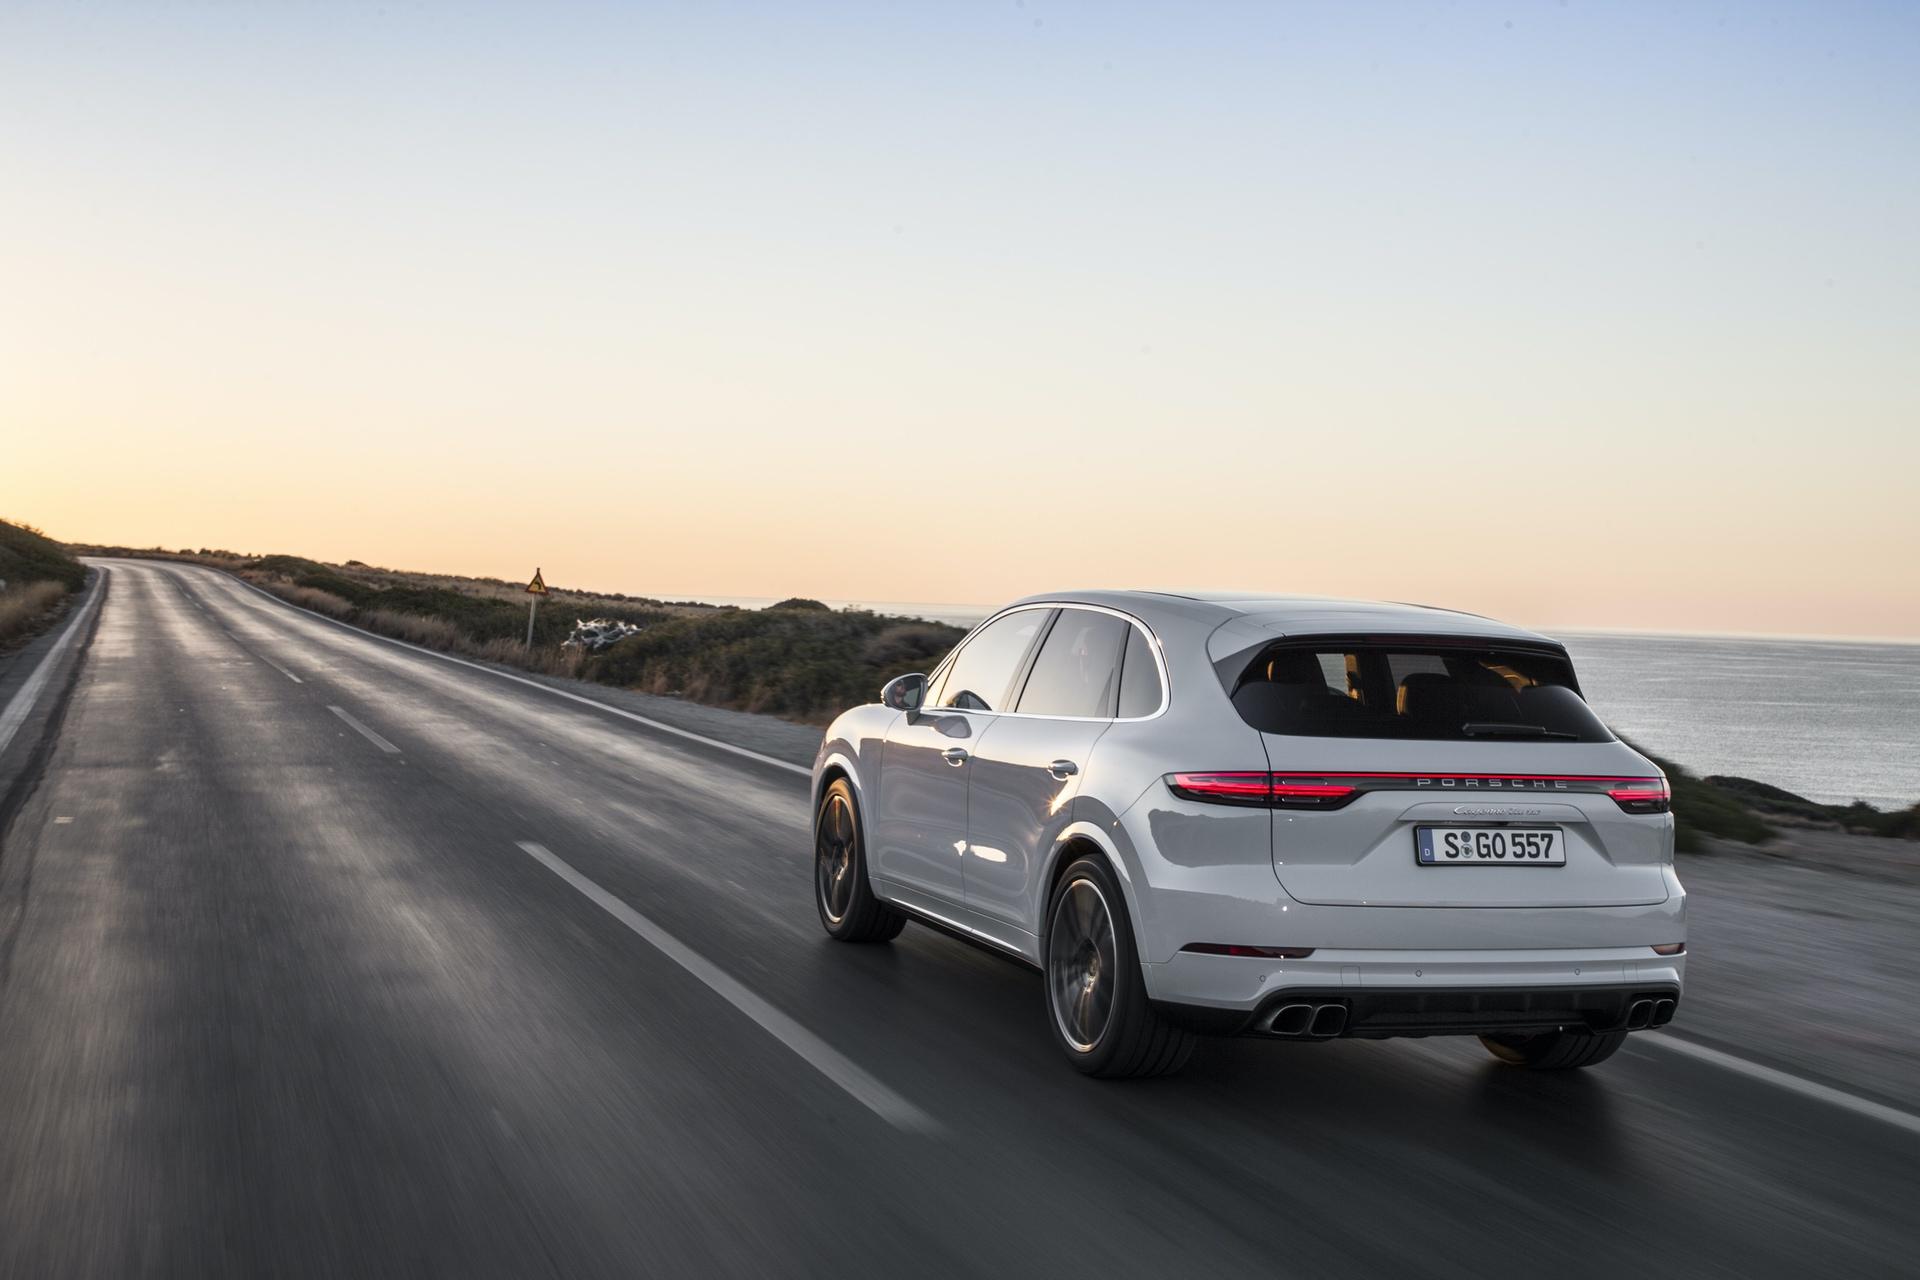 Test_Drive_Porsche_Cayenne_151